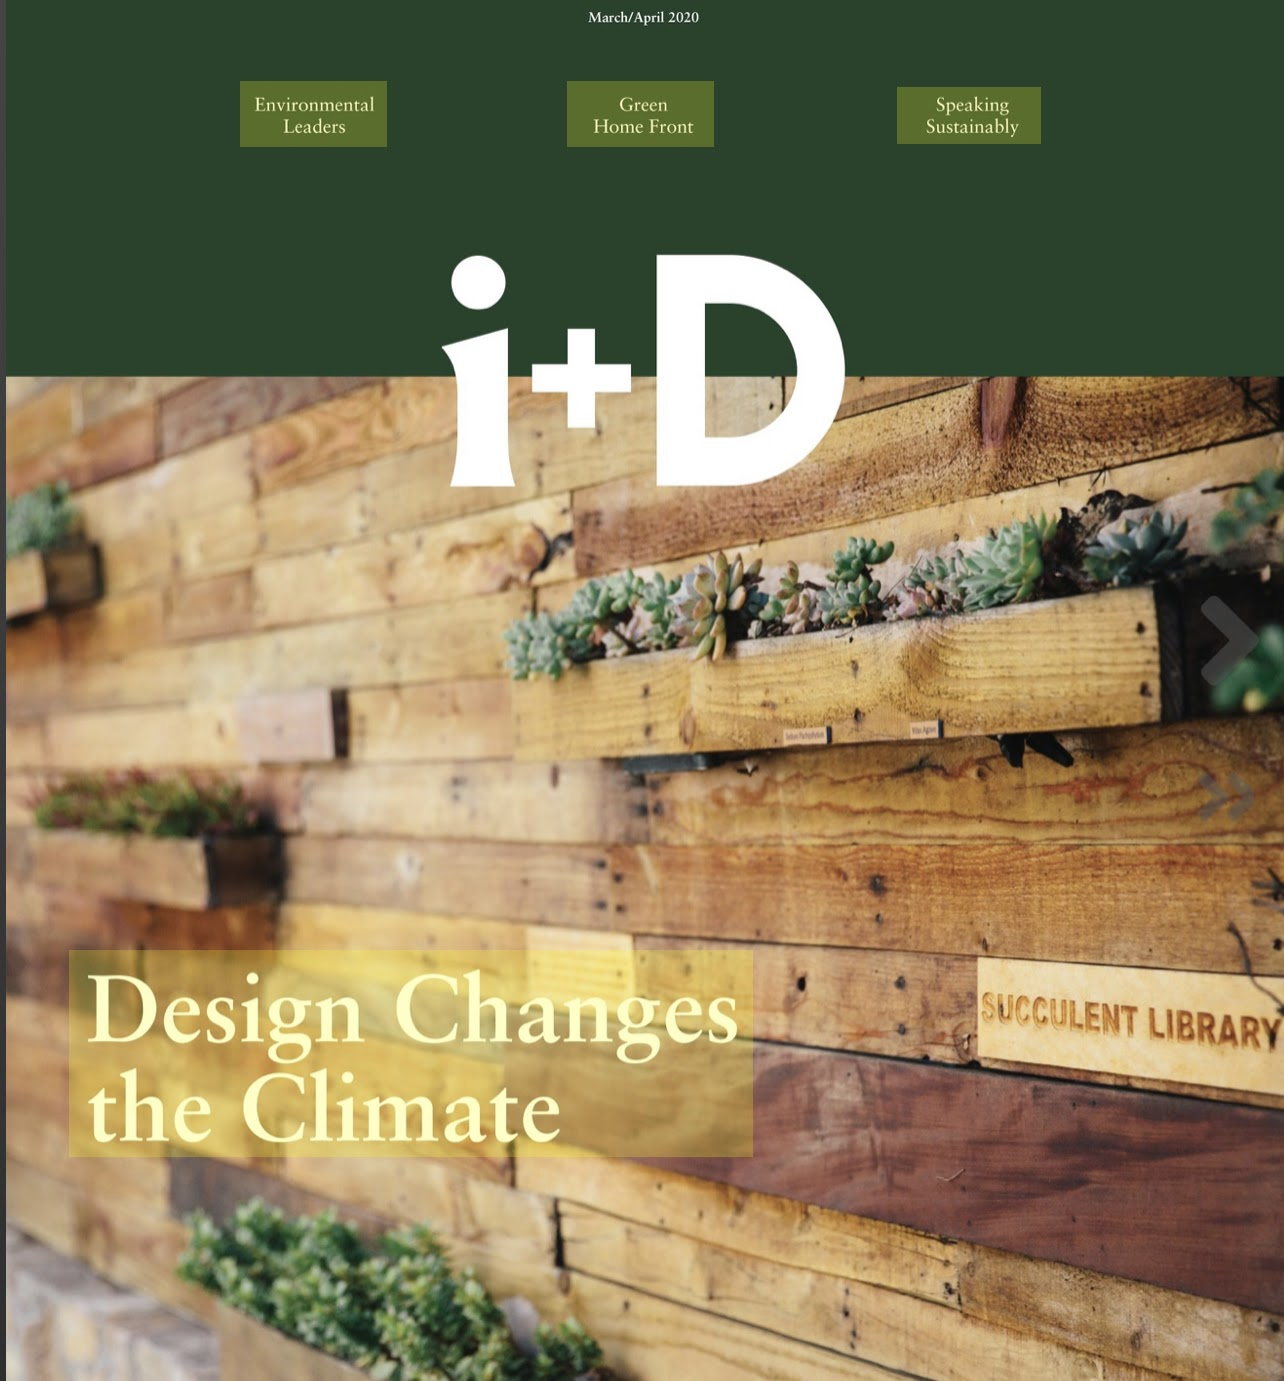 i + D magazine